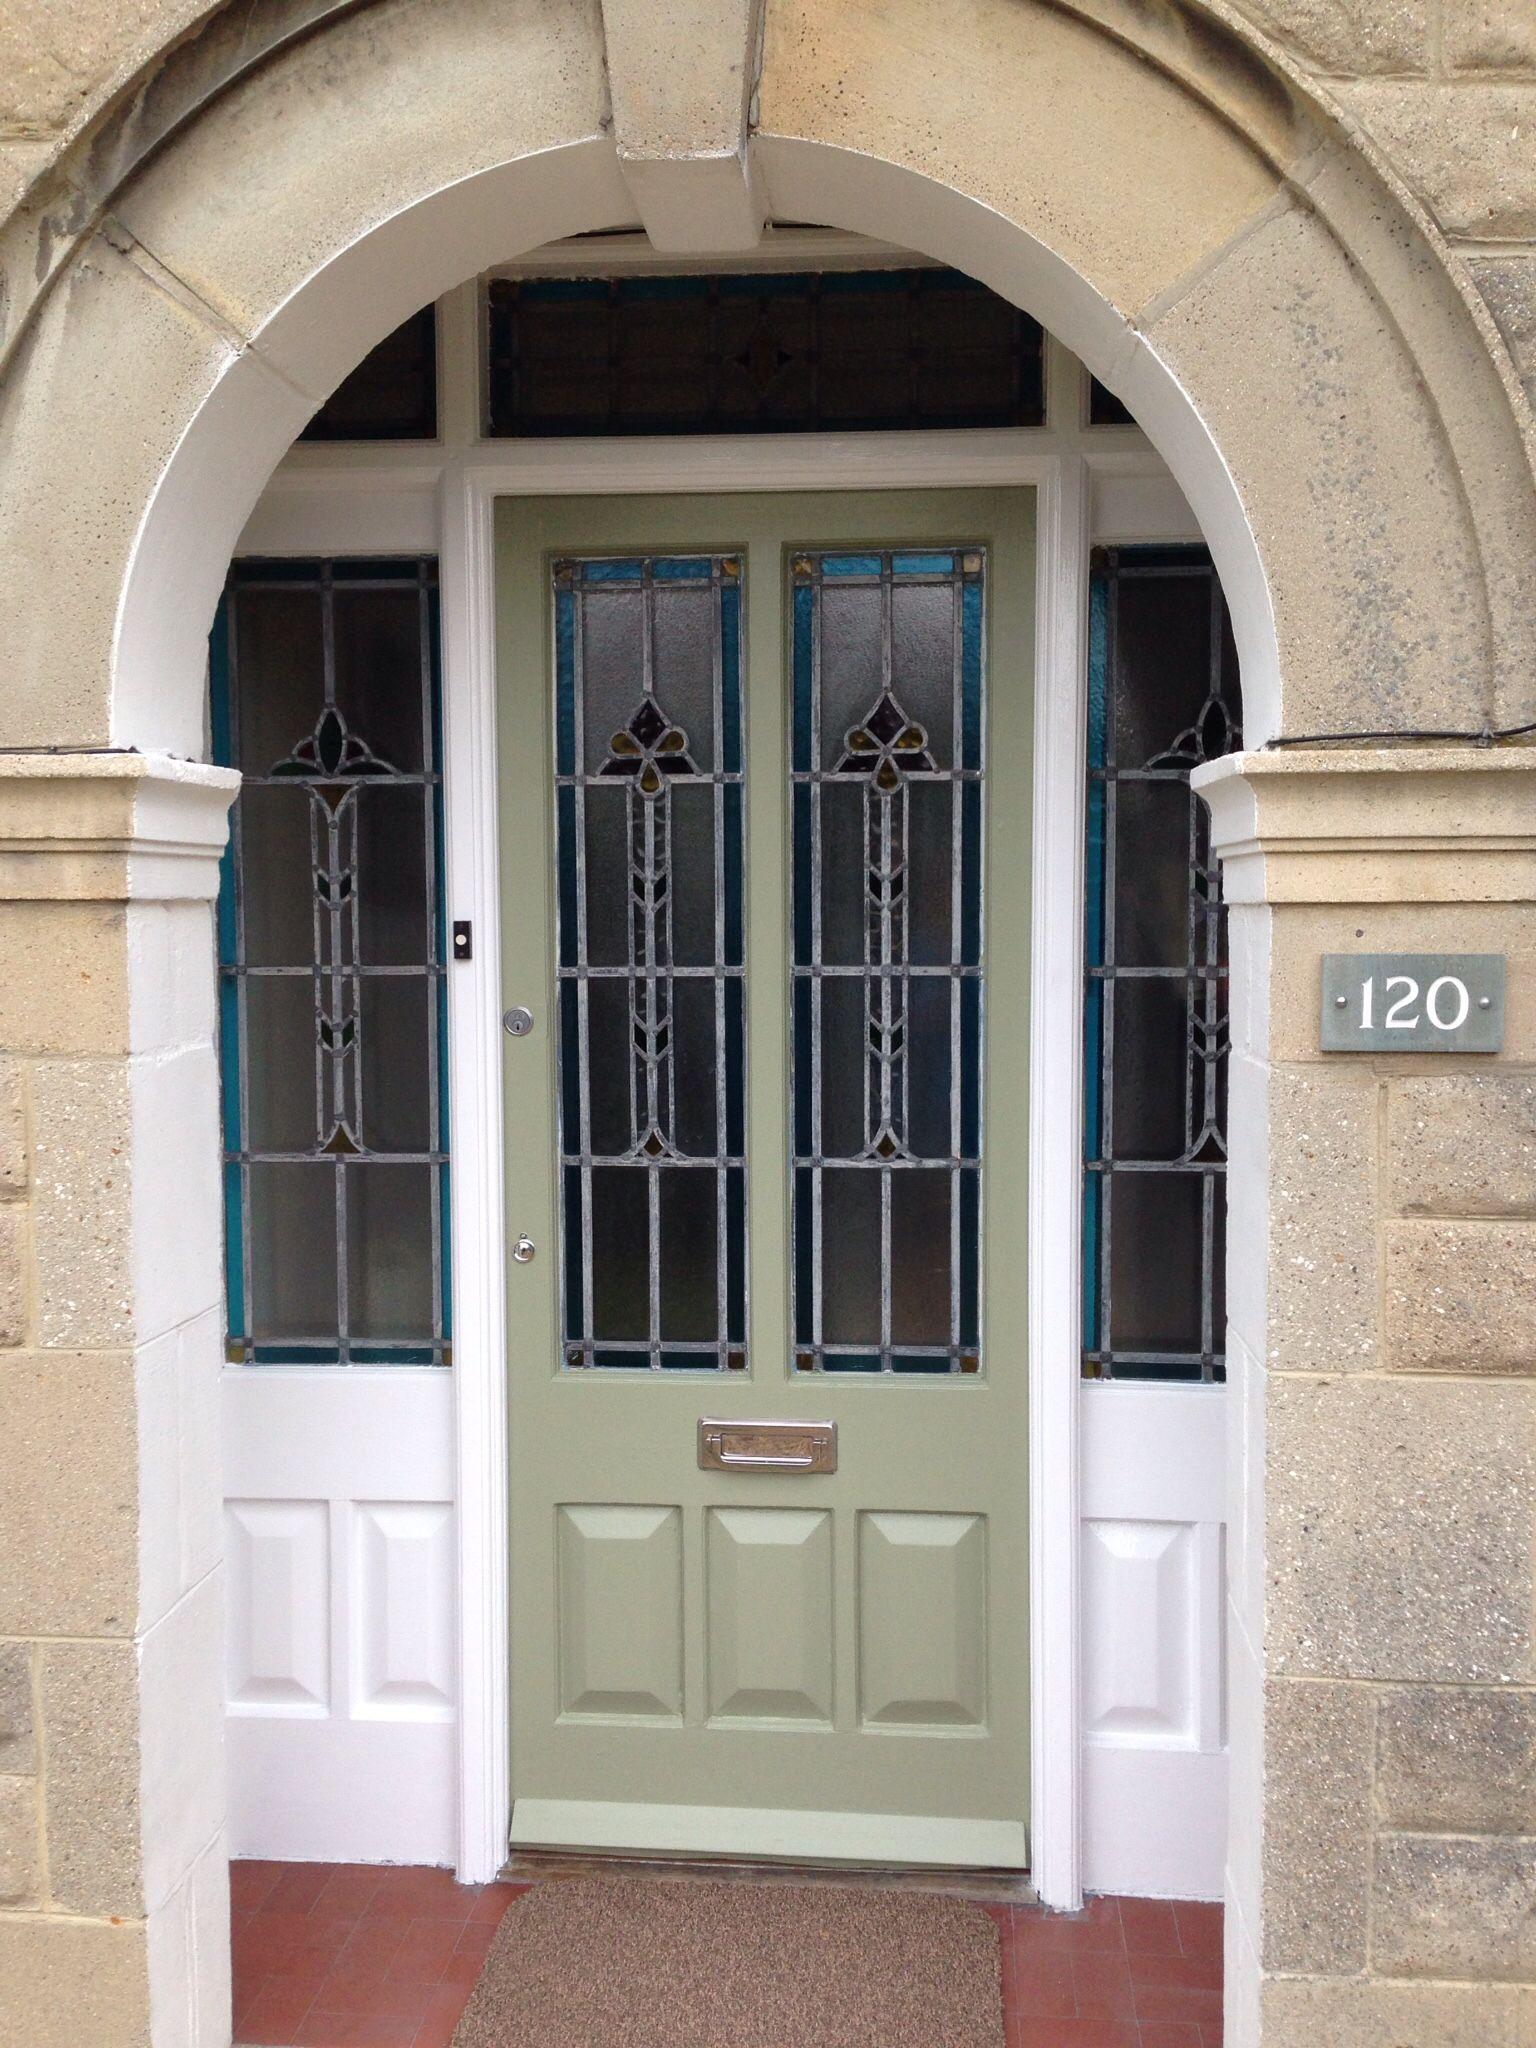 1930 front door farrow and ball lichen no 19 farrow ball 1930 front door farrow and ball lichen no 19 rubansaba